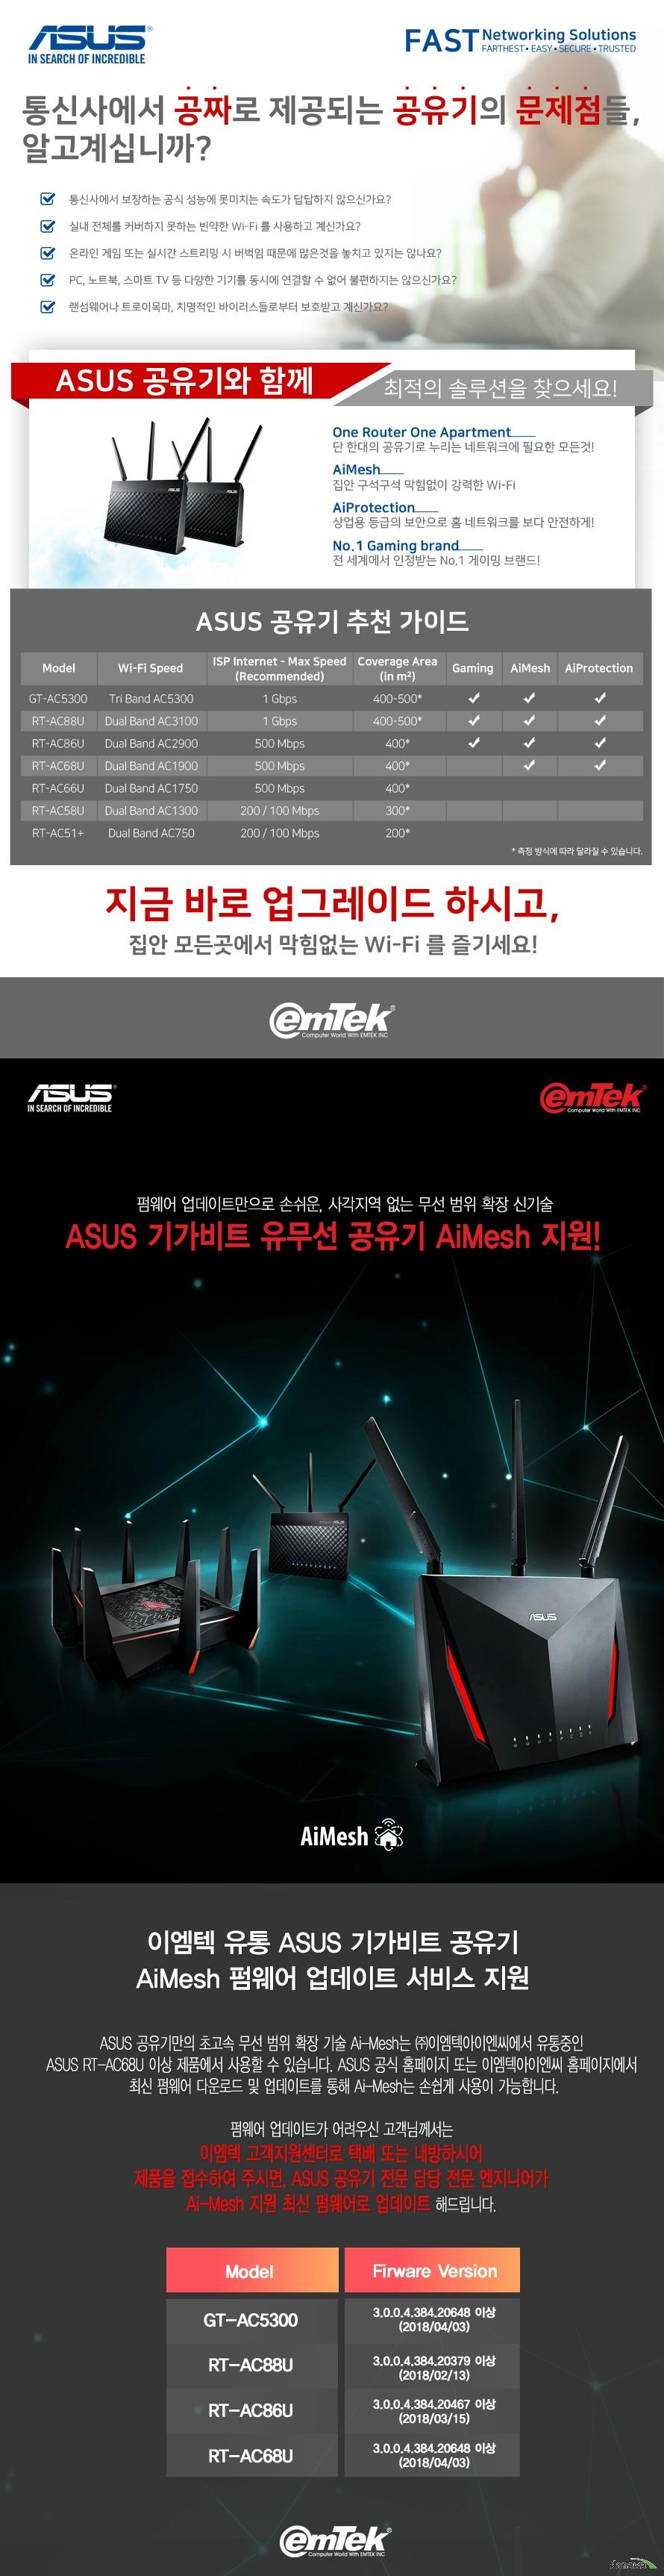 ASUS Lyra Trio AC1750 MESH WI-FI ROUTER 2PACK  제품 상세 정보  네트워크 표준 IEEE 802.11A B G N AC 지원  제품 세그먼트 AC1750 최대 성능 450+1300MBPS 커버리지 LARGE HOMES 데이터 레이트   802.11N UP TO 450MBPS 802.11AC UP TO 1300 MBPS  내부 안테나 3개 지원 송수신 MIMO 기술  32MB 플래시 및 128MB 메모리  동작 주파수 2.4 및 5 GHZ  파워 서플라이 AC 인풋 100볼트에서 240볼트까지 50에서 60헤르츠 DC 아웃풋 최대 12볼트 1.5 암페어 지원 운영체제 윈도우 10 / 8.1 / 8 / 7 지원 맥 os x 10.1 부터 10.12 지원 리눅스 지원 크기 길이 135.1밀리미터 넓이 123.2밀리미터 높이 77.9밀리미터 제품 무게 198.9그램 KC 인증 R C MSQ MAP AC1750